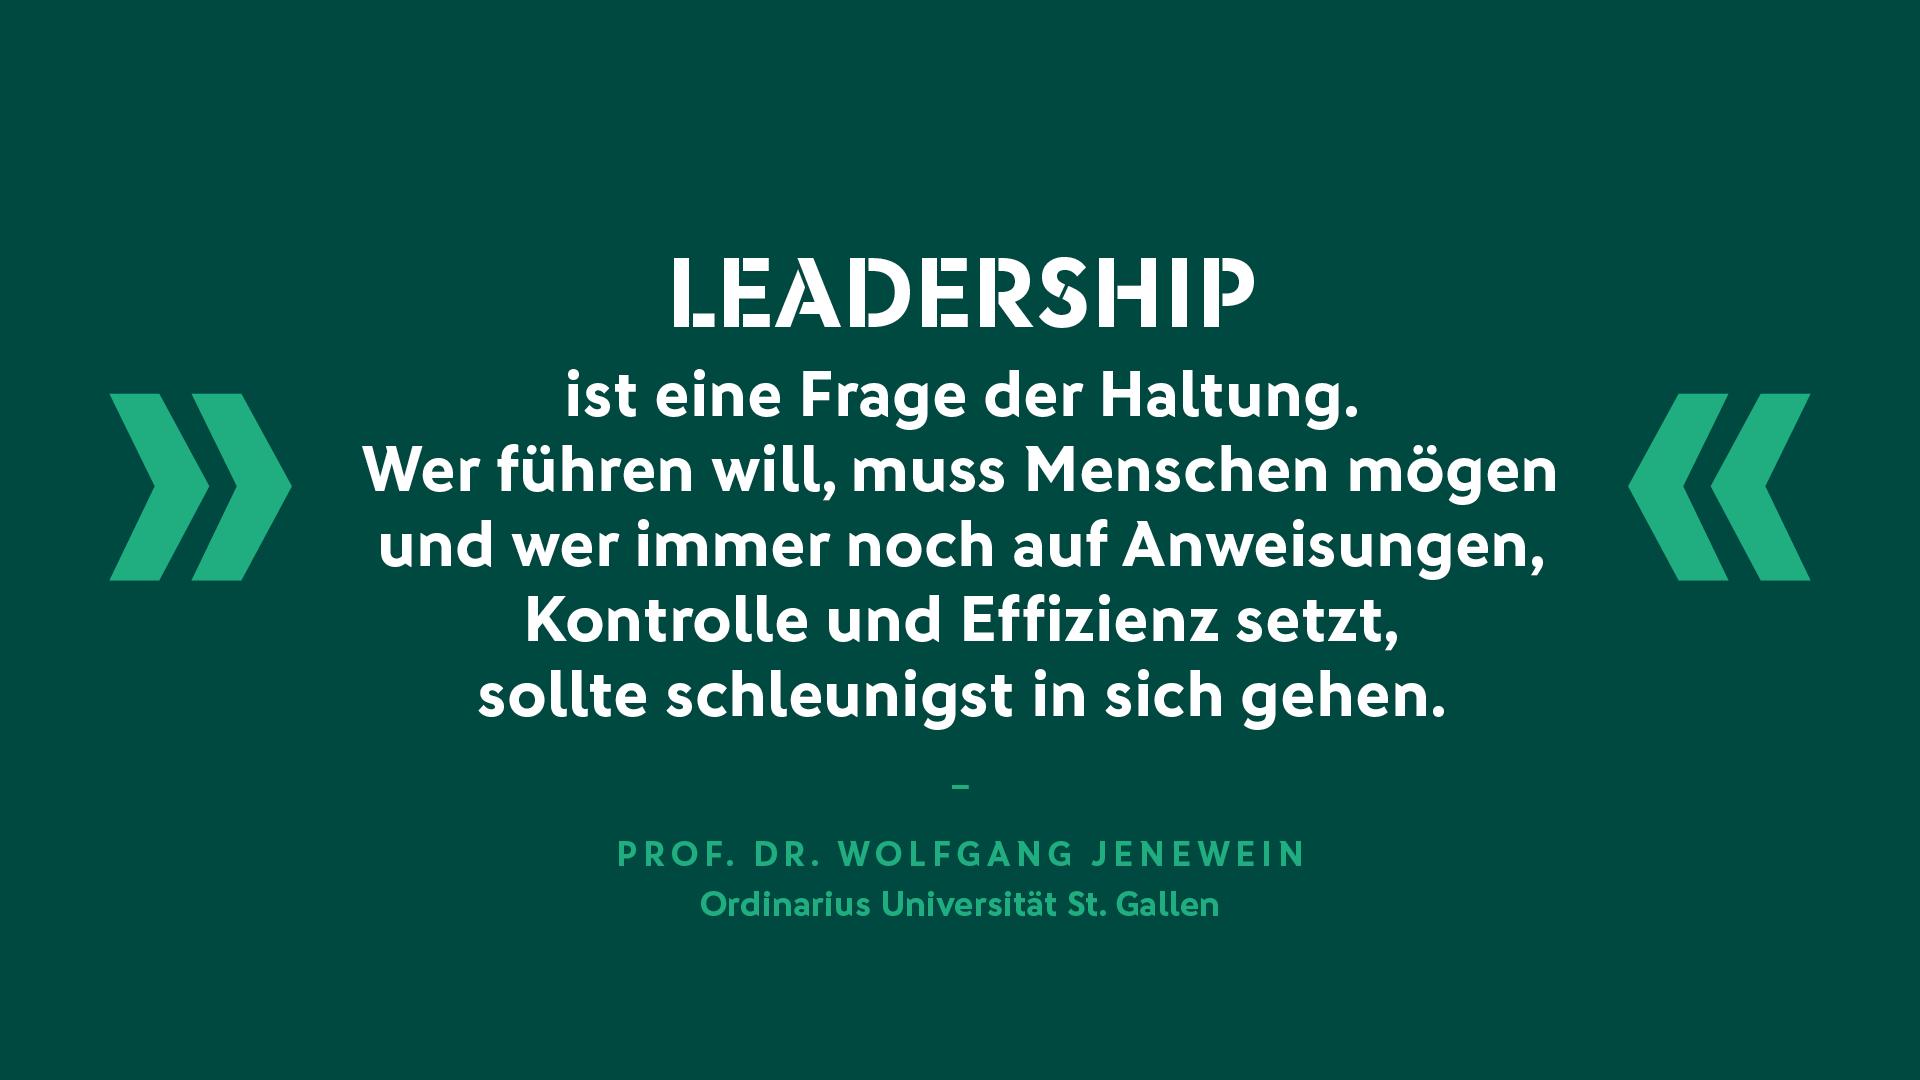 Prof. Dr. Wolfgang Jenewein